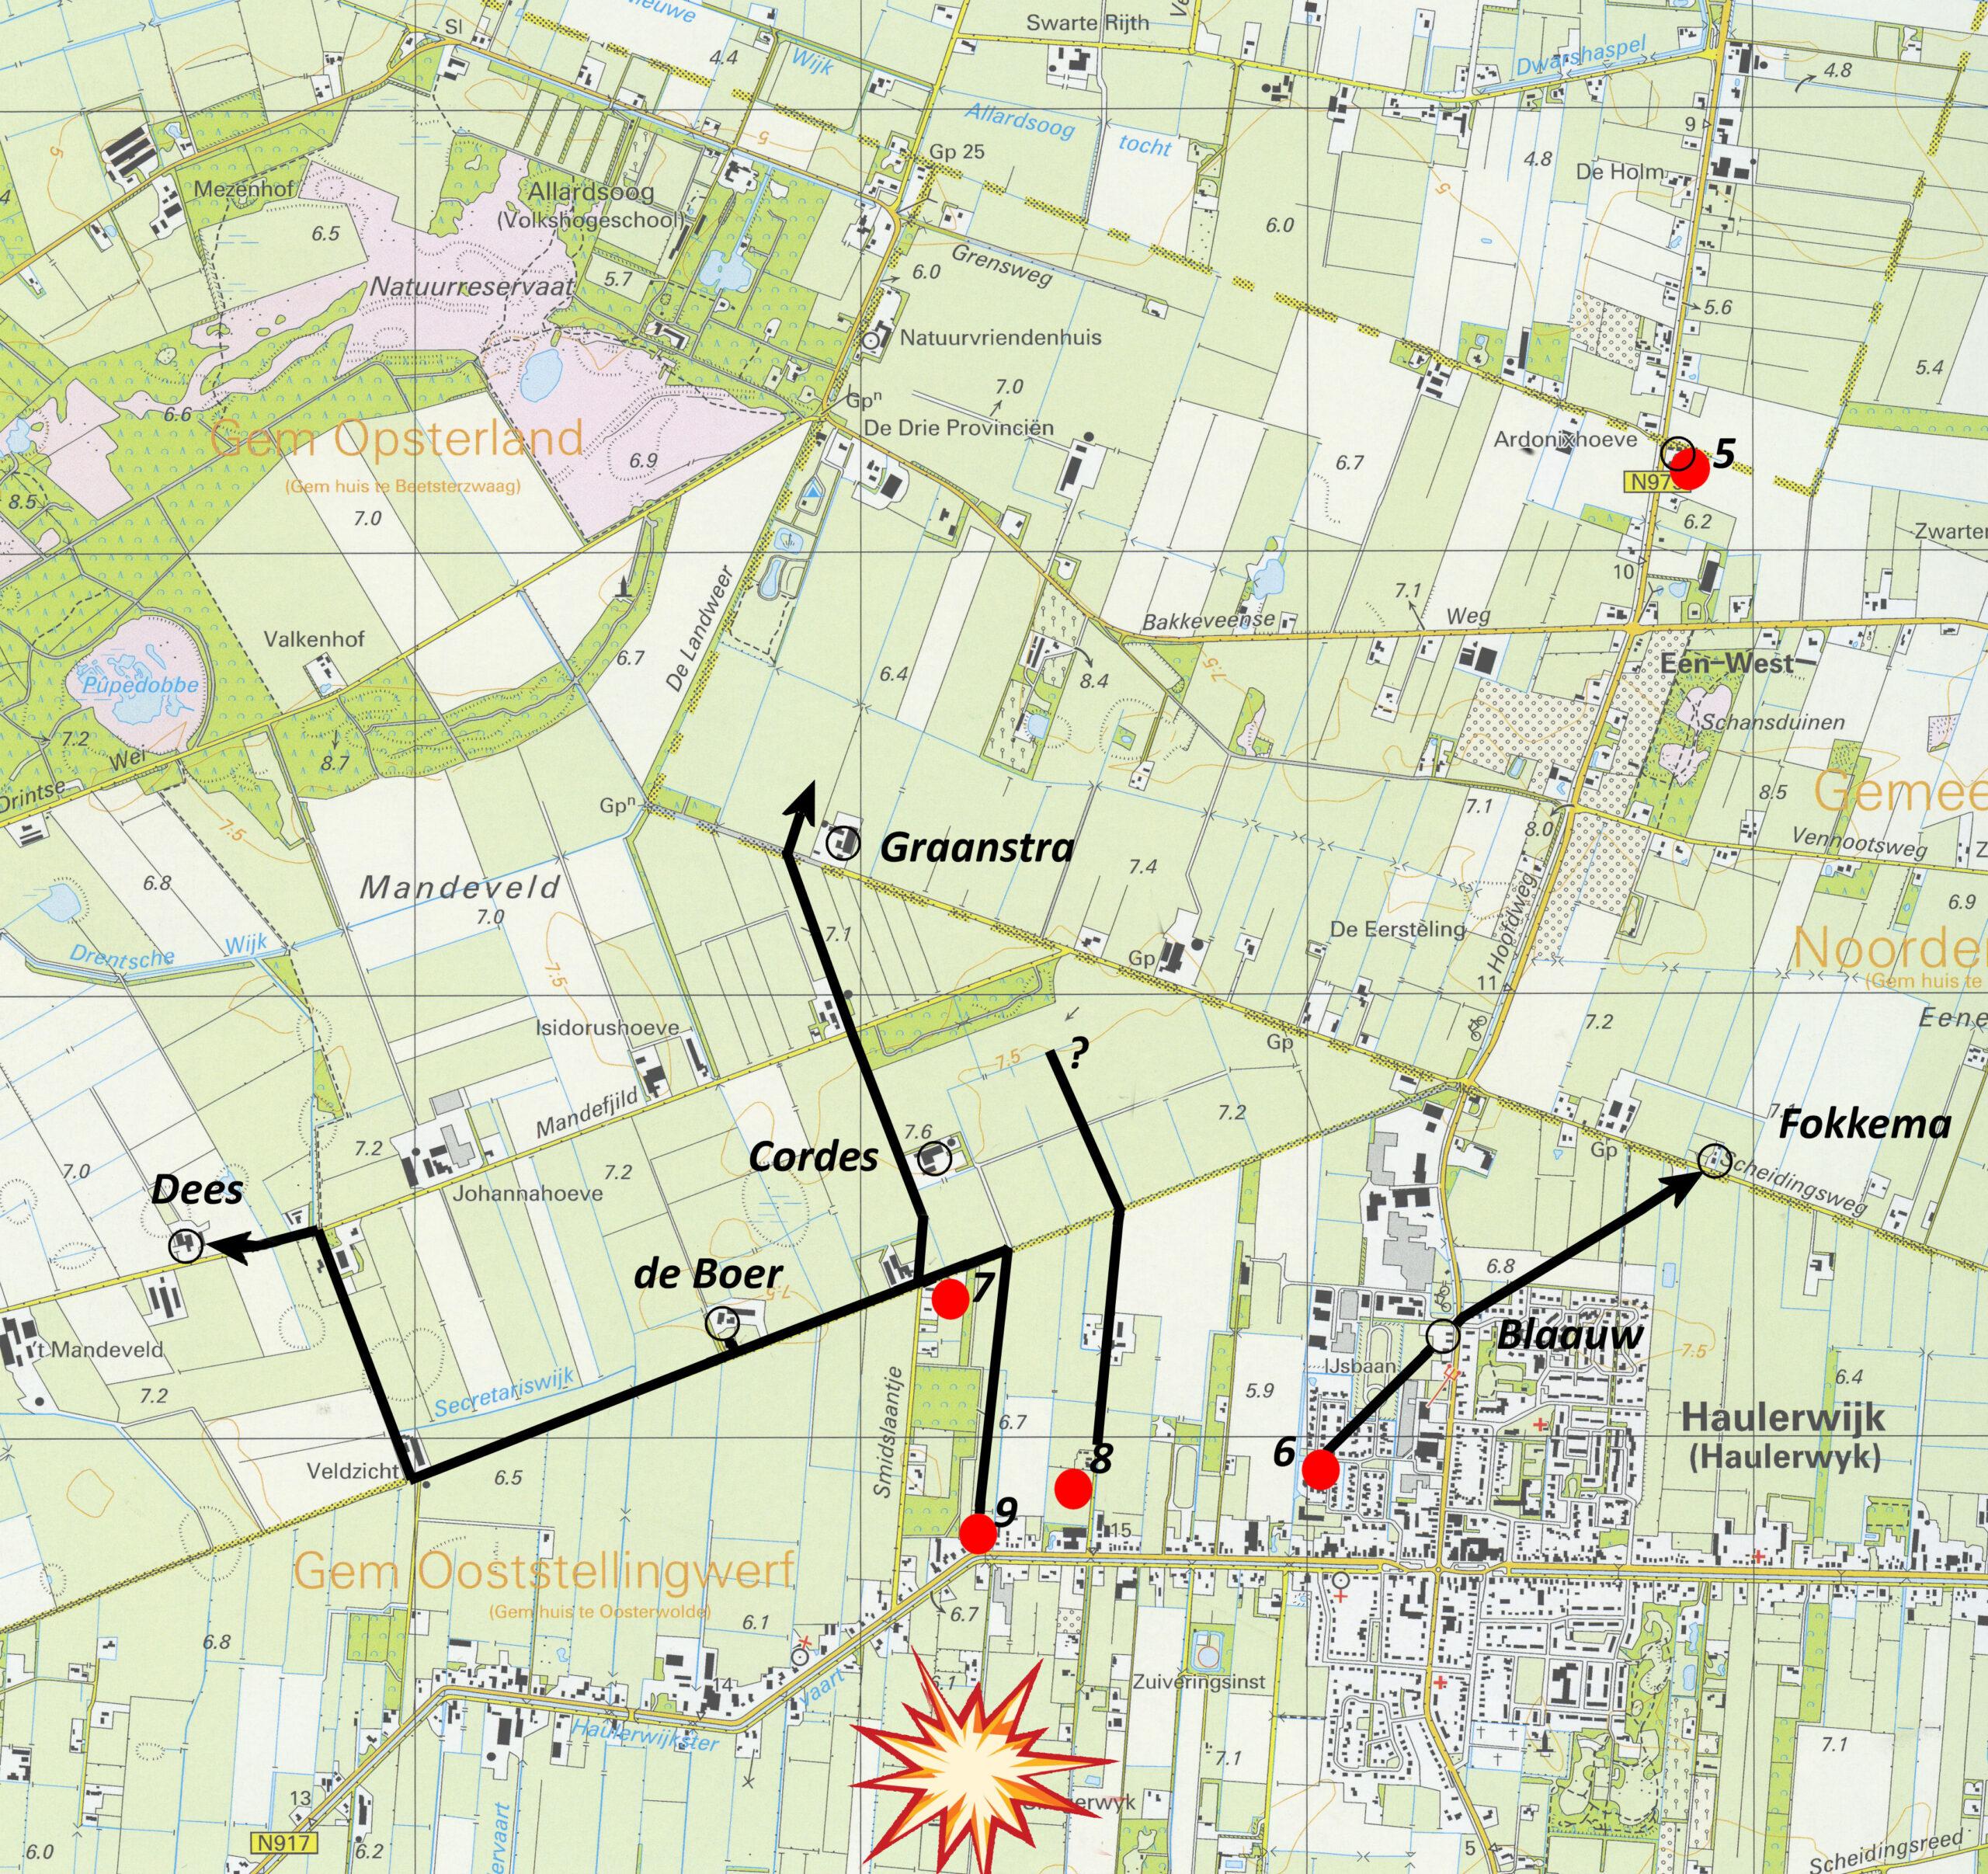 Ontvlucht uit Haulerwijk